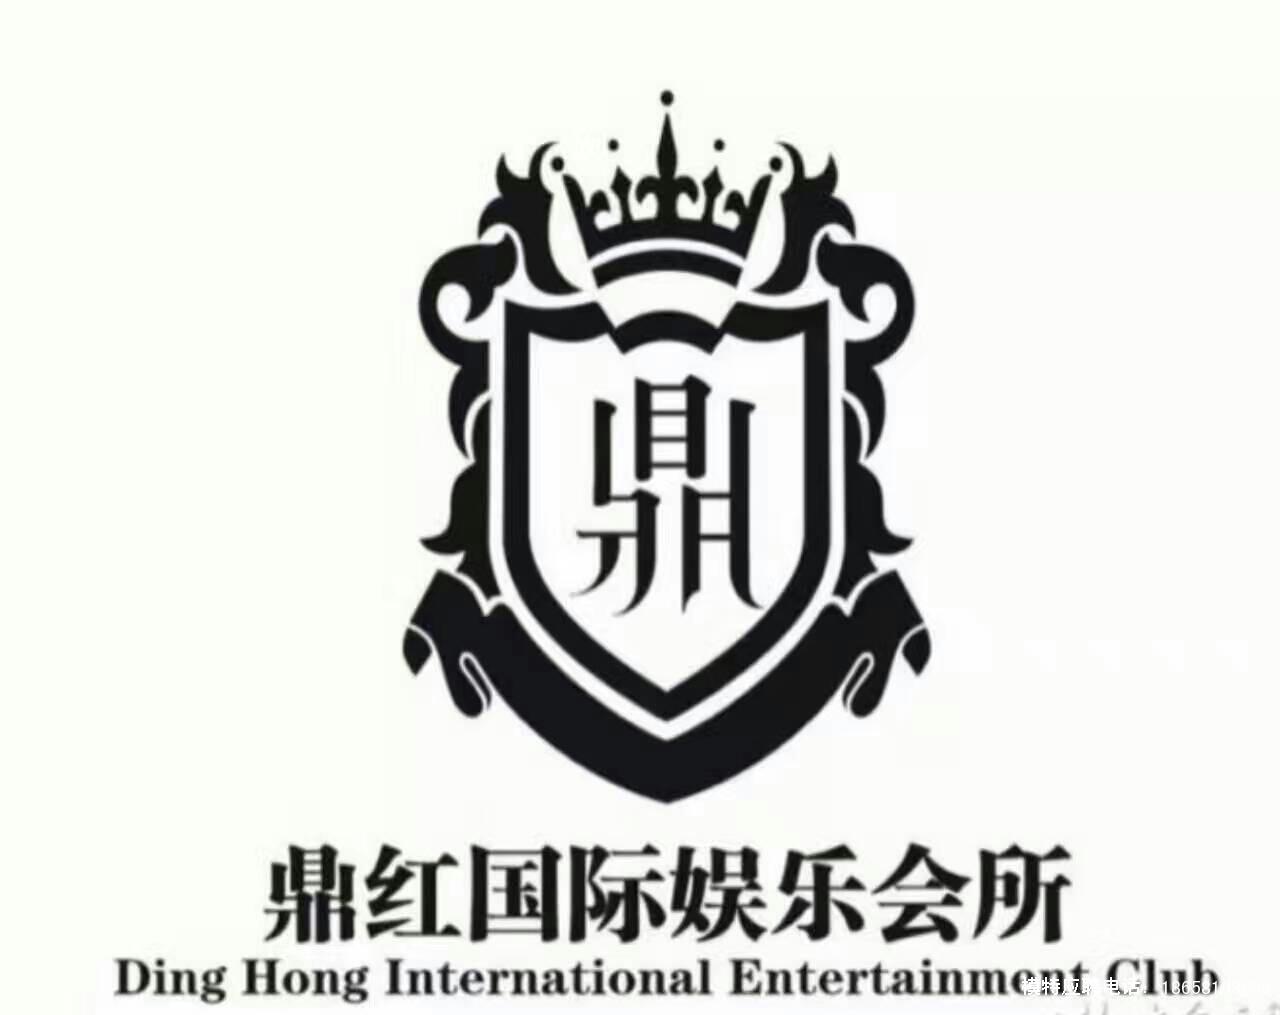 千岛湖logo图片大全